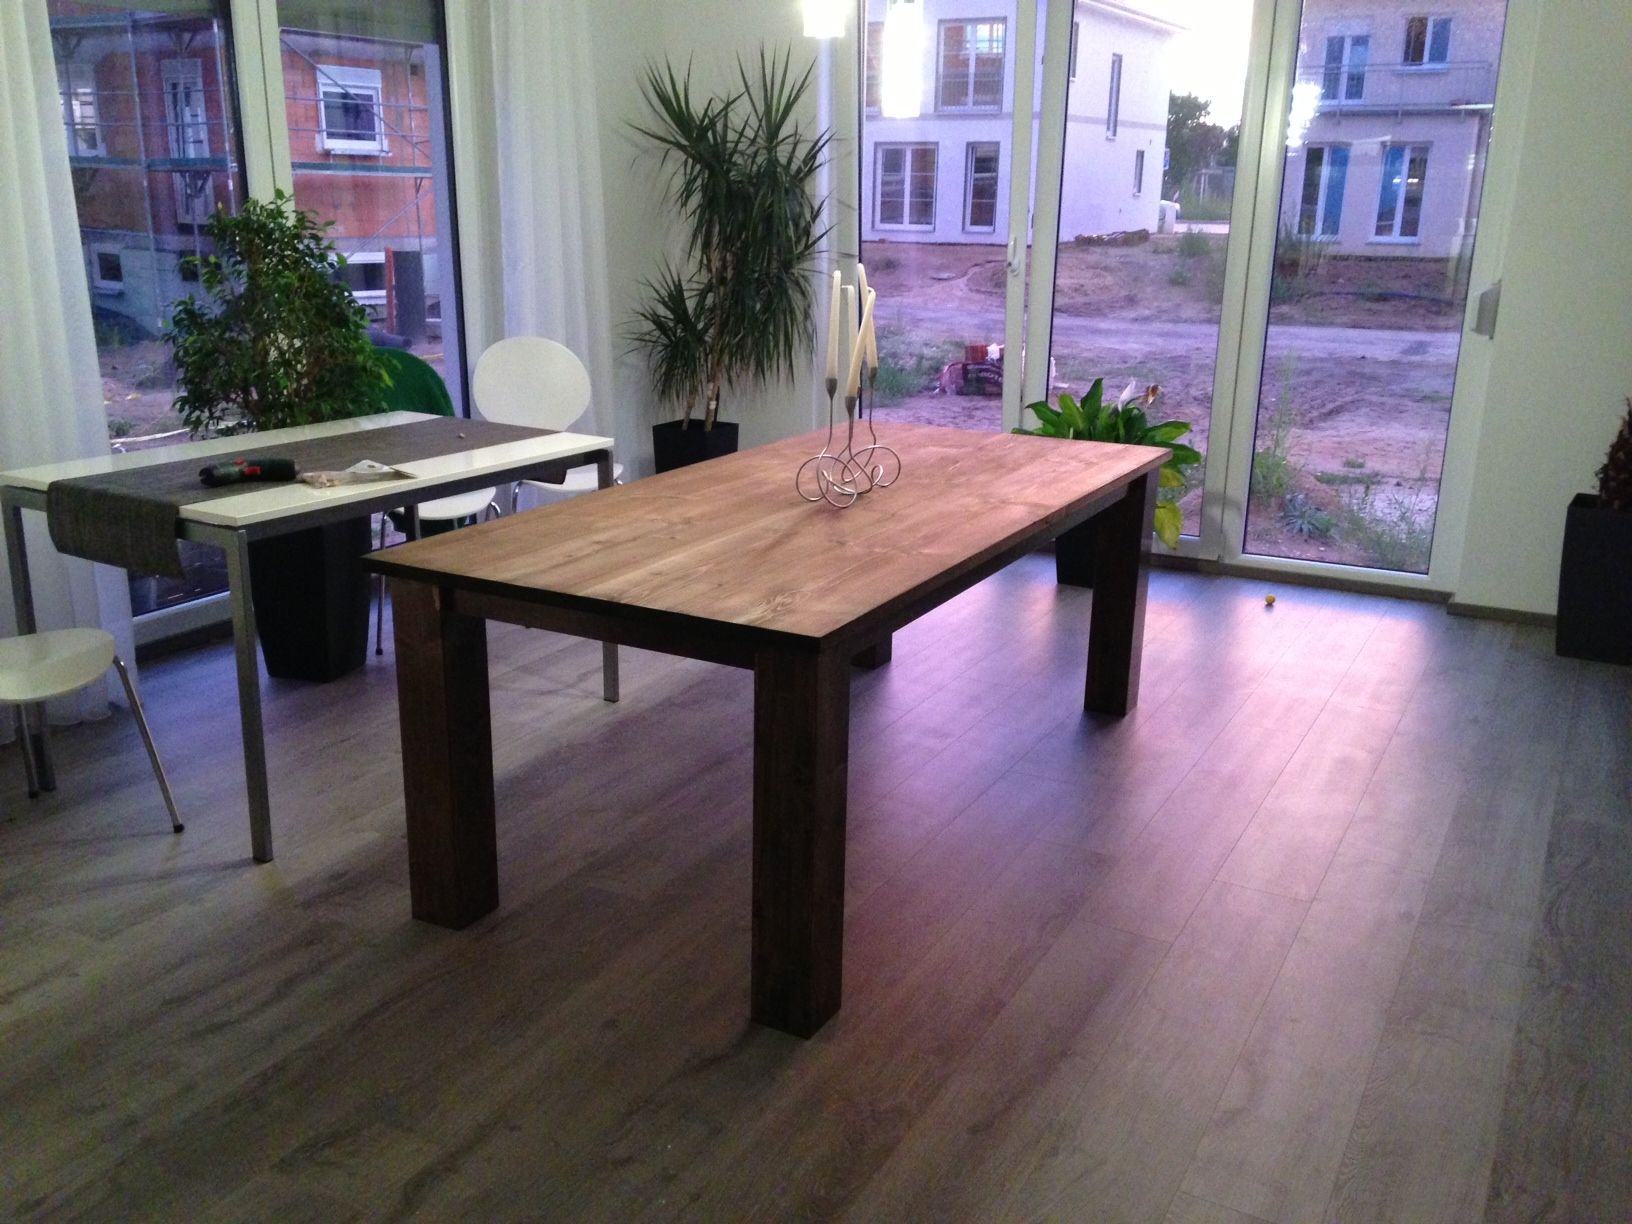 Mein Massiver Holztisch Bauanleitung Zum Selber Bauen